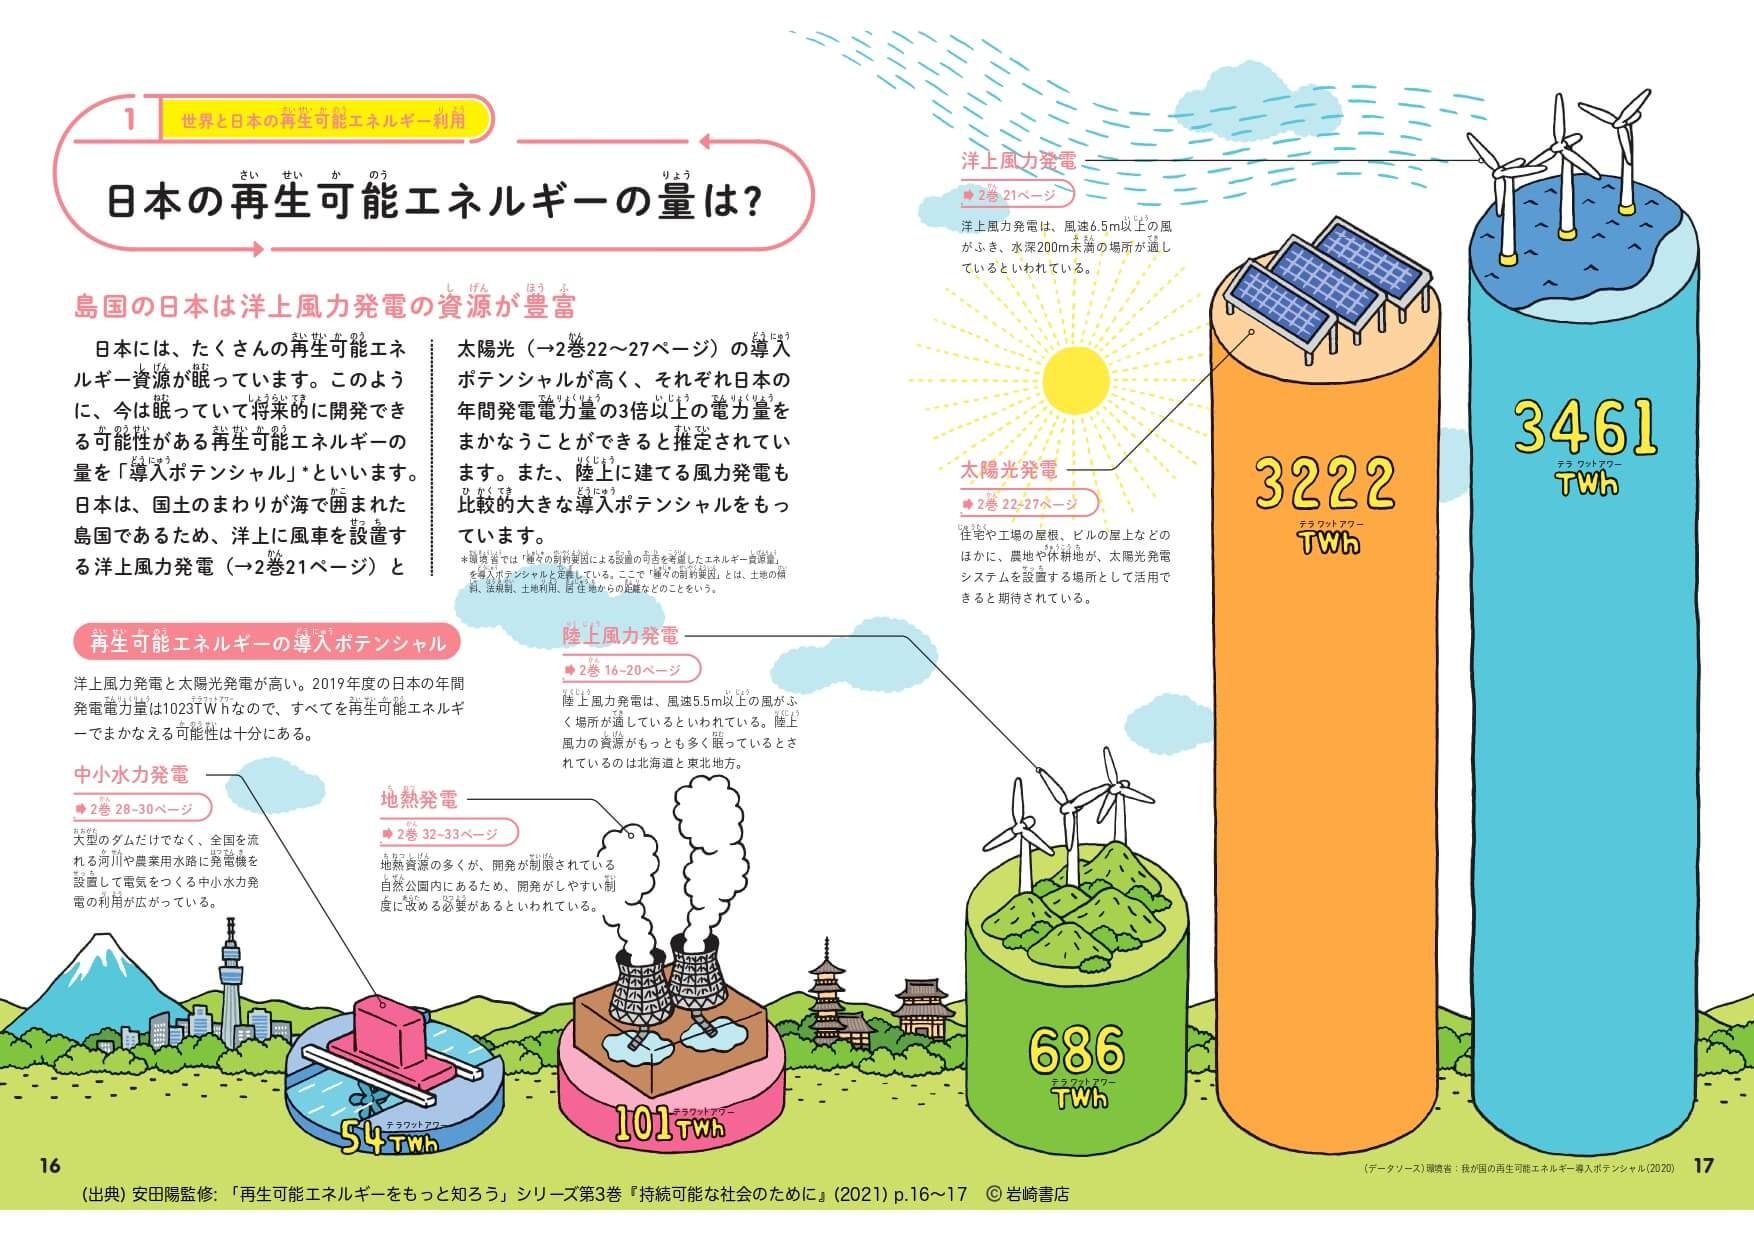 図4 日本の再生可能エネルギーの可能性/クリックすると拡大します 画像提供・岩崎書店 安田陽監修『再生可能エネルギーをもっと知ろう』シリーズ第3巻『持続可能な社会のために』(2021)から転載